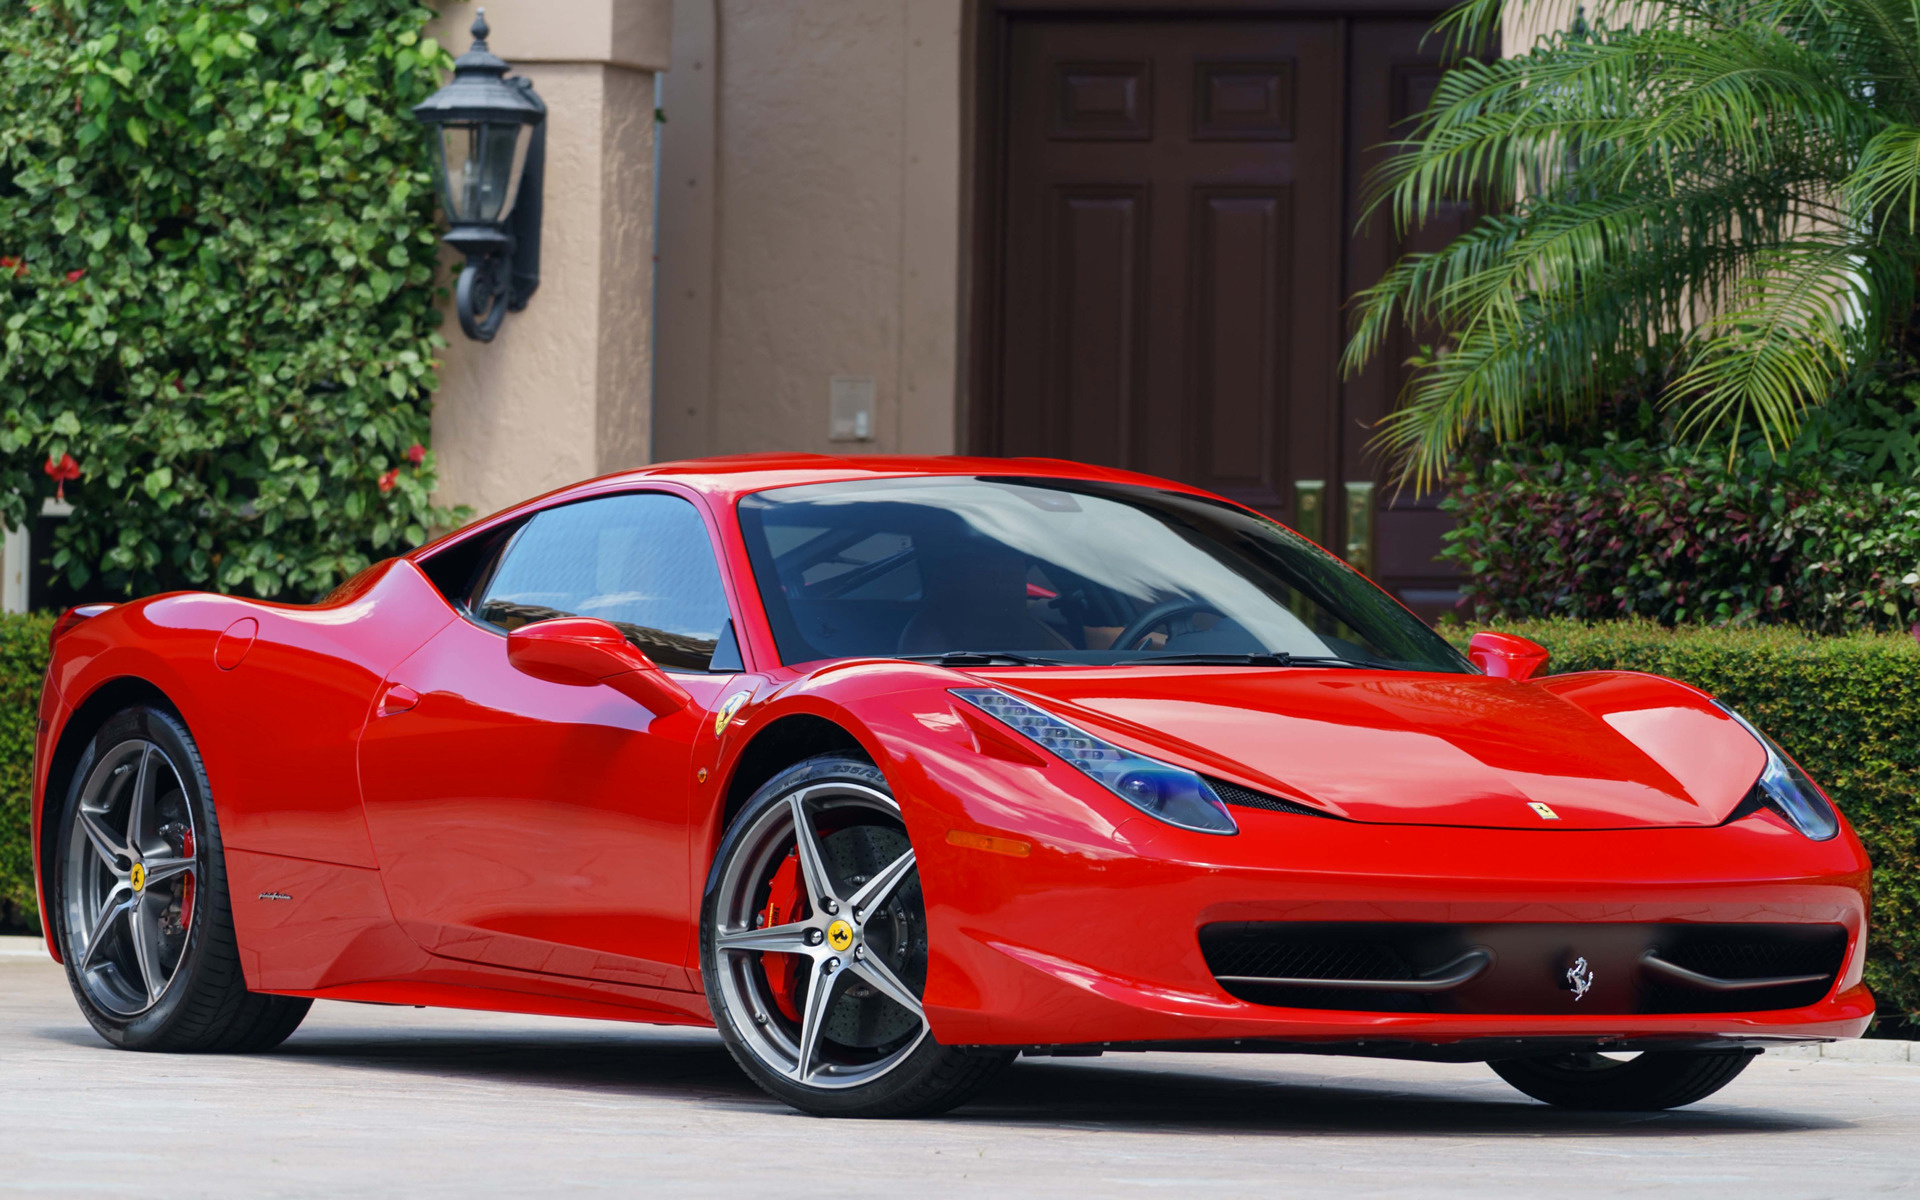 Инновации в дизайне Ferrari 458 интерьер и экстерьер конструктивные особенности технические характеристики модификации и стоимость автомобиля